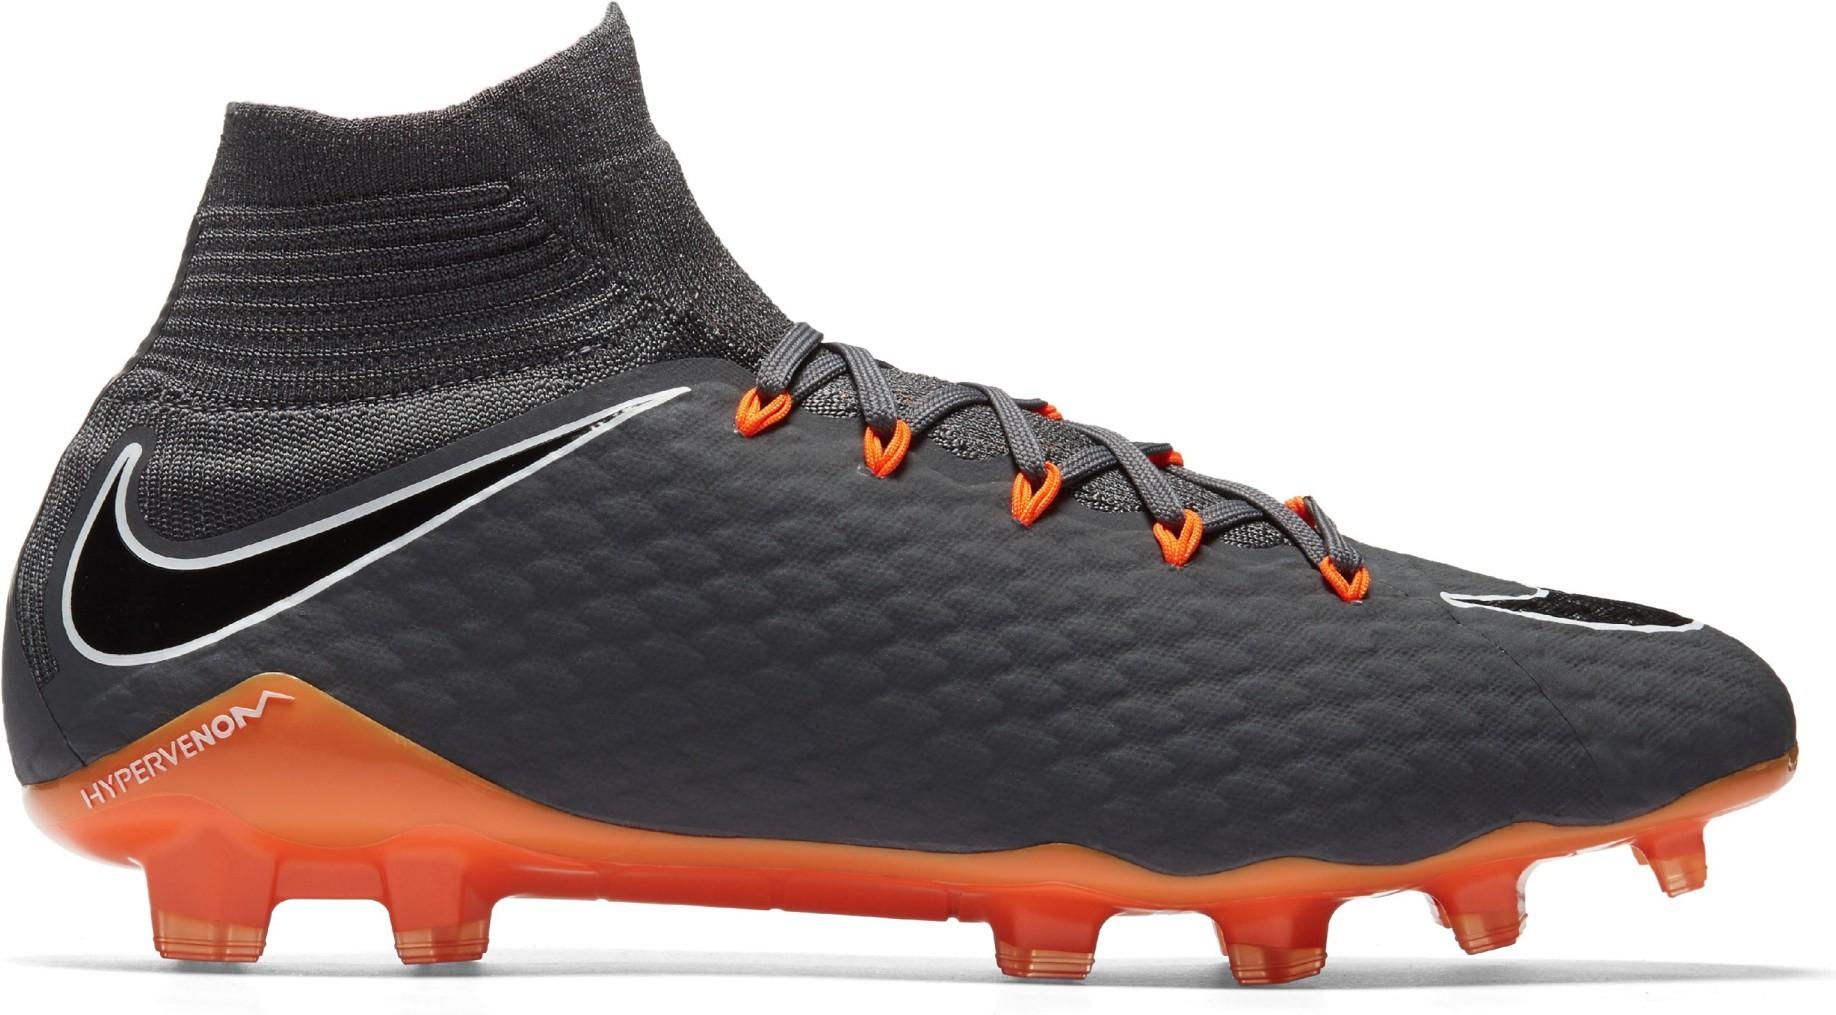 Las botas de fútbol Nike Hypervenom Phantom III Pro DF FG Fast AF Pack  colore gris naranja - Nike - SportIT.com 4010adfe1f4